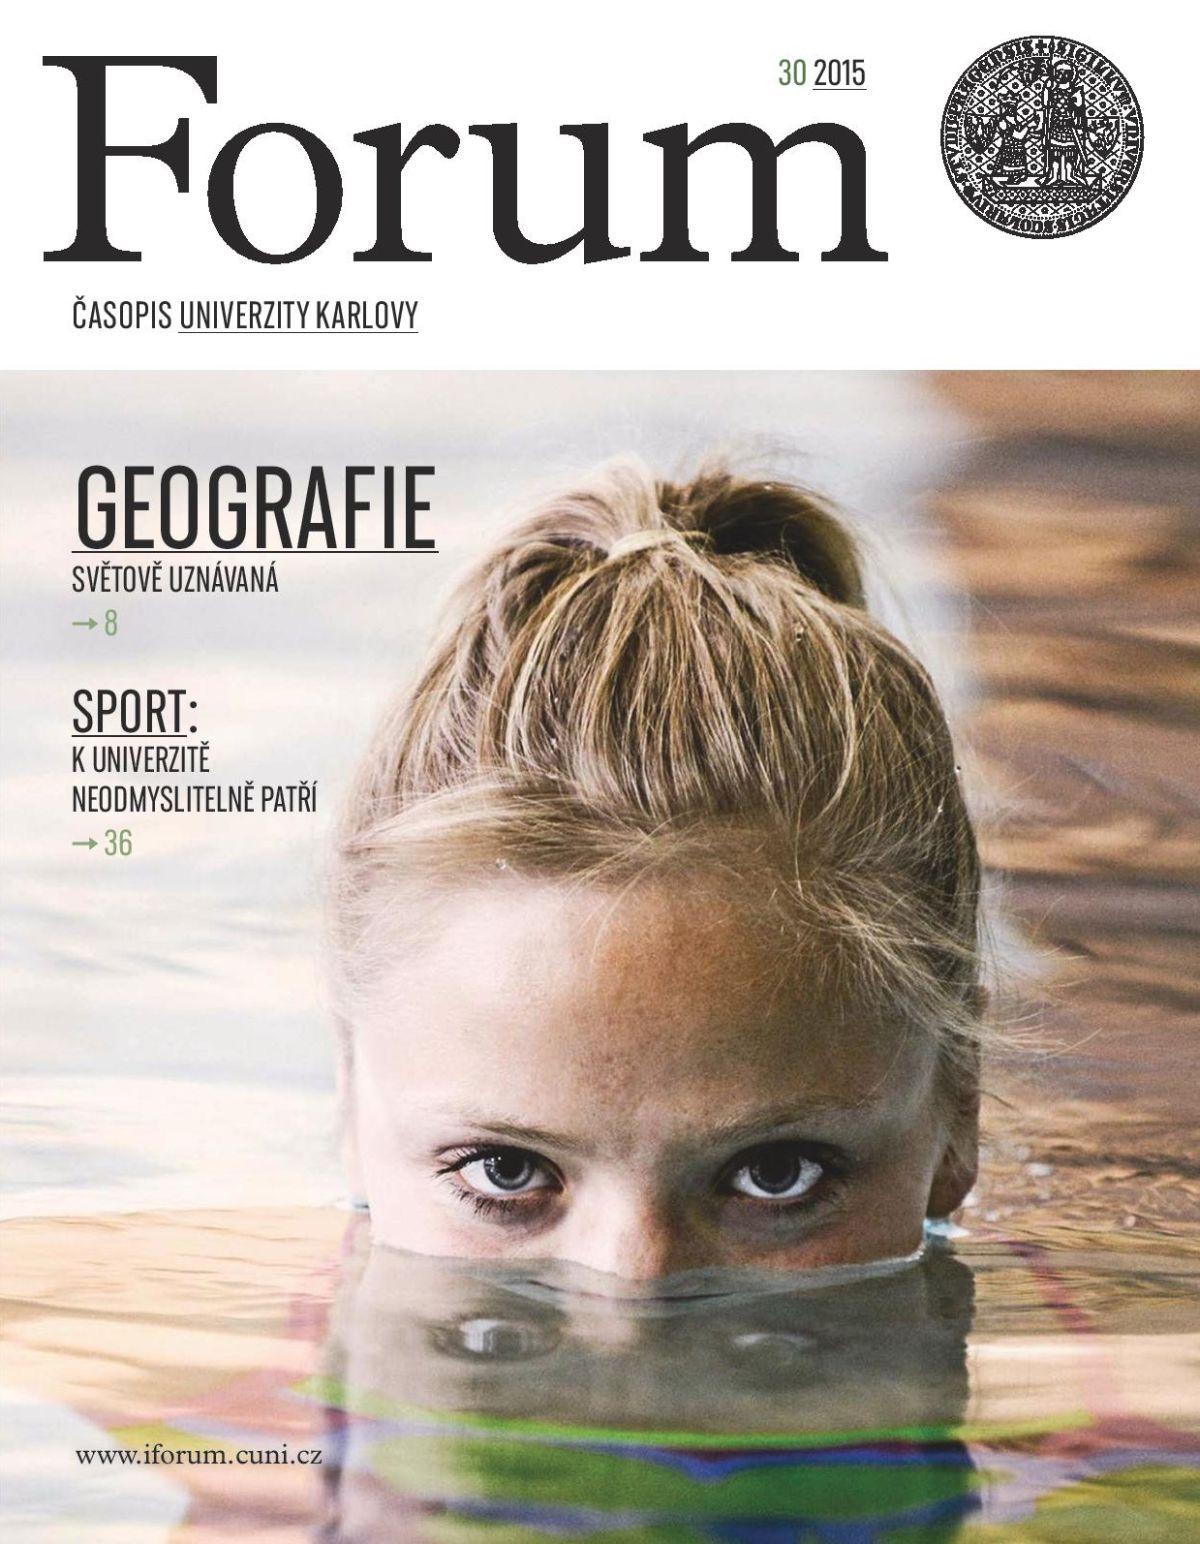 Forum - časopis Univerzity Karlovy získal Grand Prix za celkovou tištěnou úroveň